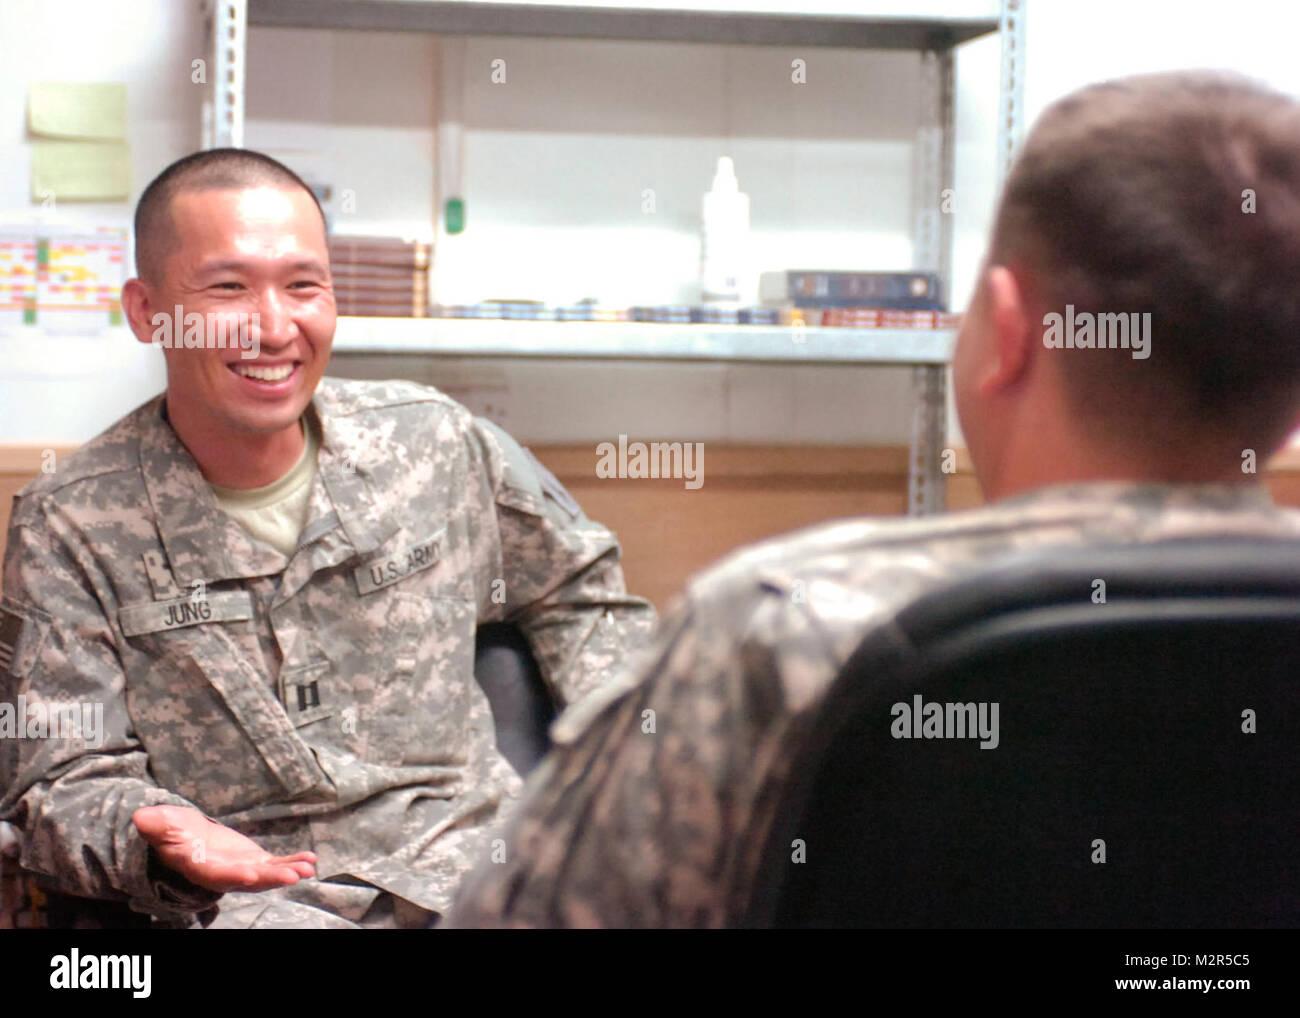 Us soldaten mit chatten Manöver (Militär)